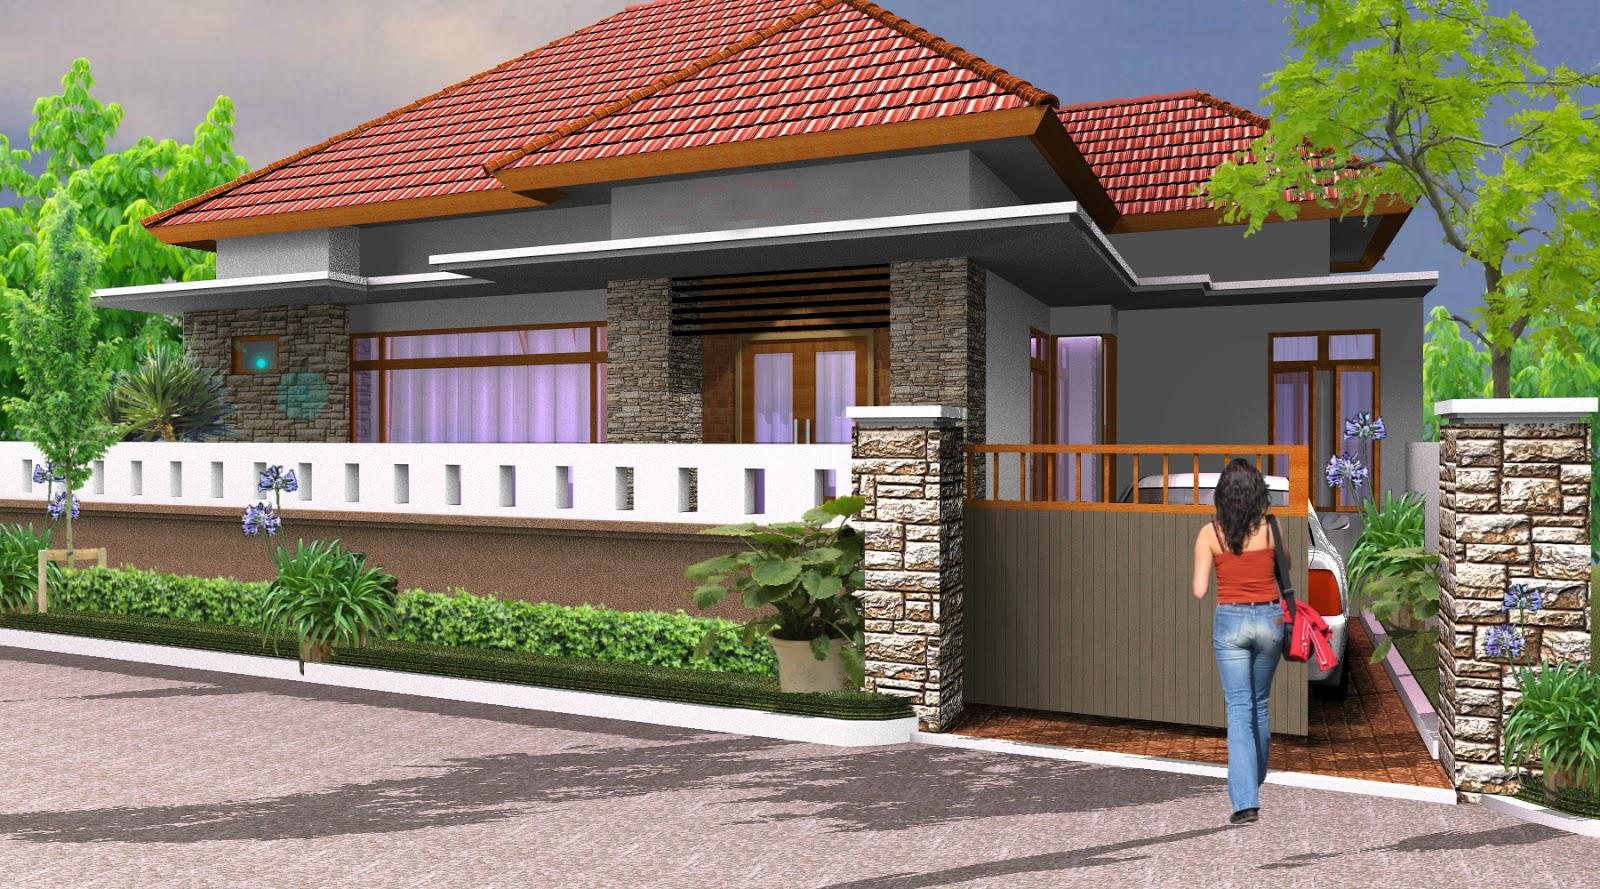 Desain Pagar Rumah Minimalis Bali Arsitekhom